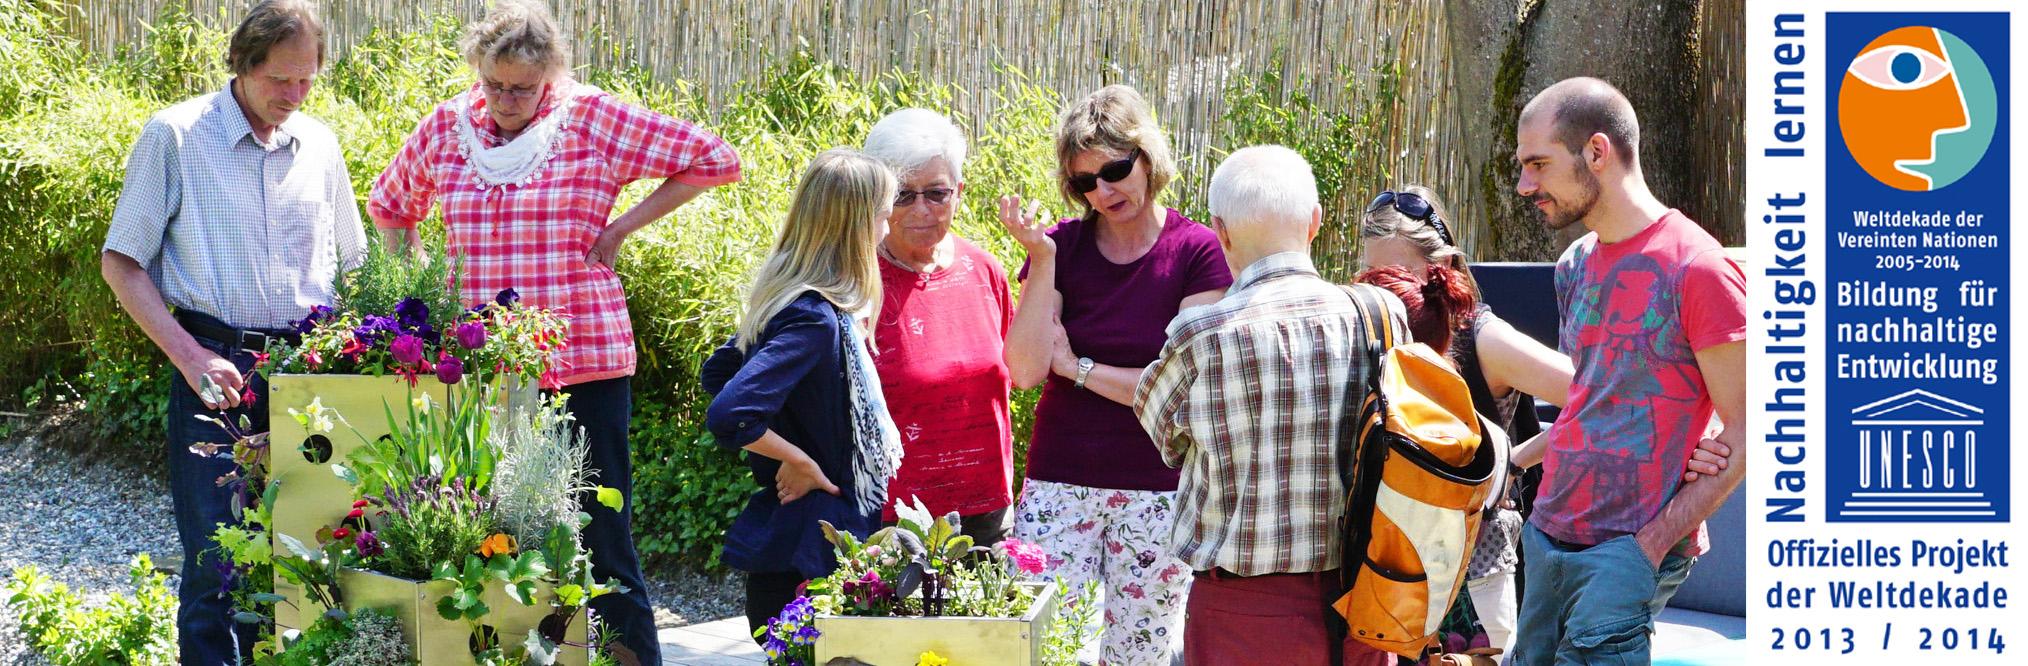 Der Paradiesgarten wurde als herausragendes Projekt und für seine Bildungsarbeit ausgezeichnet.